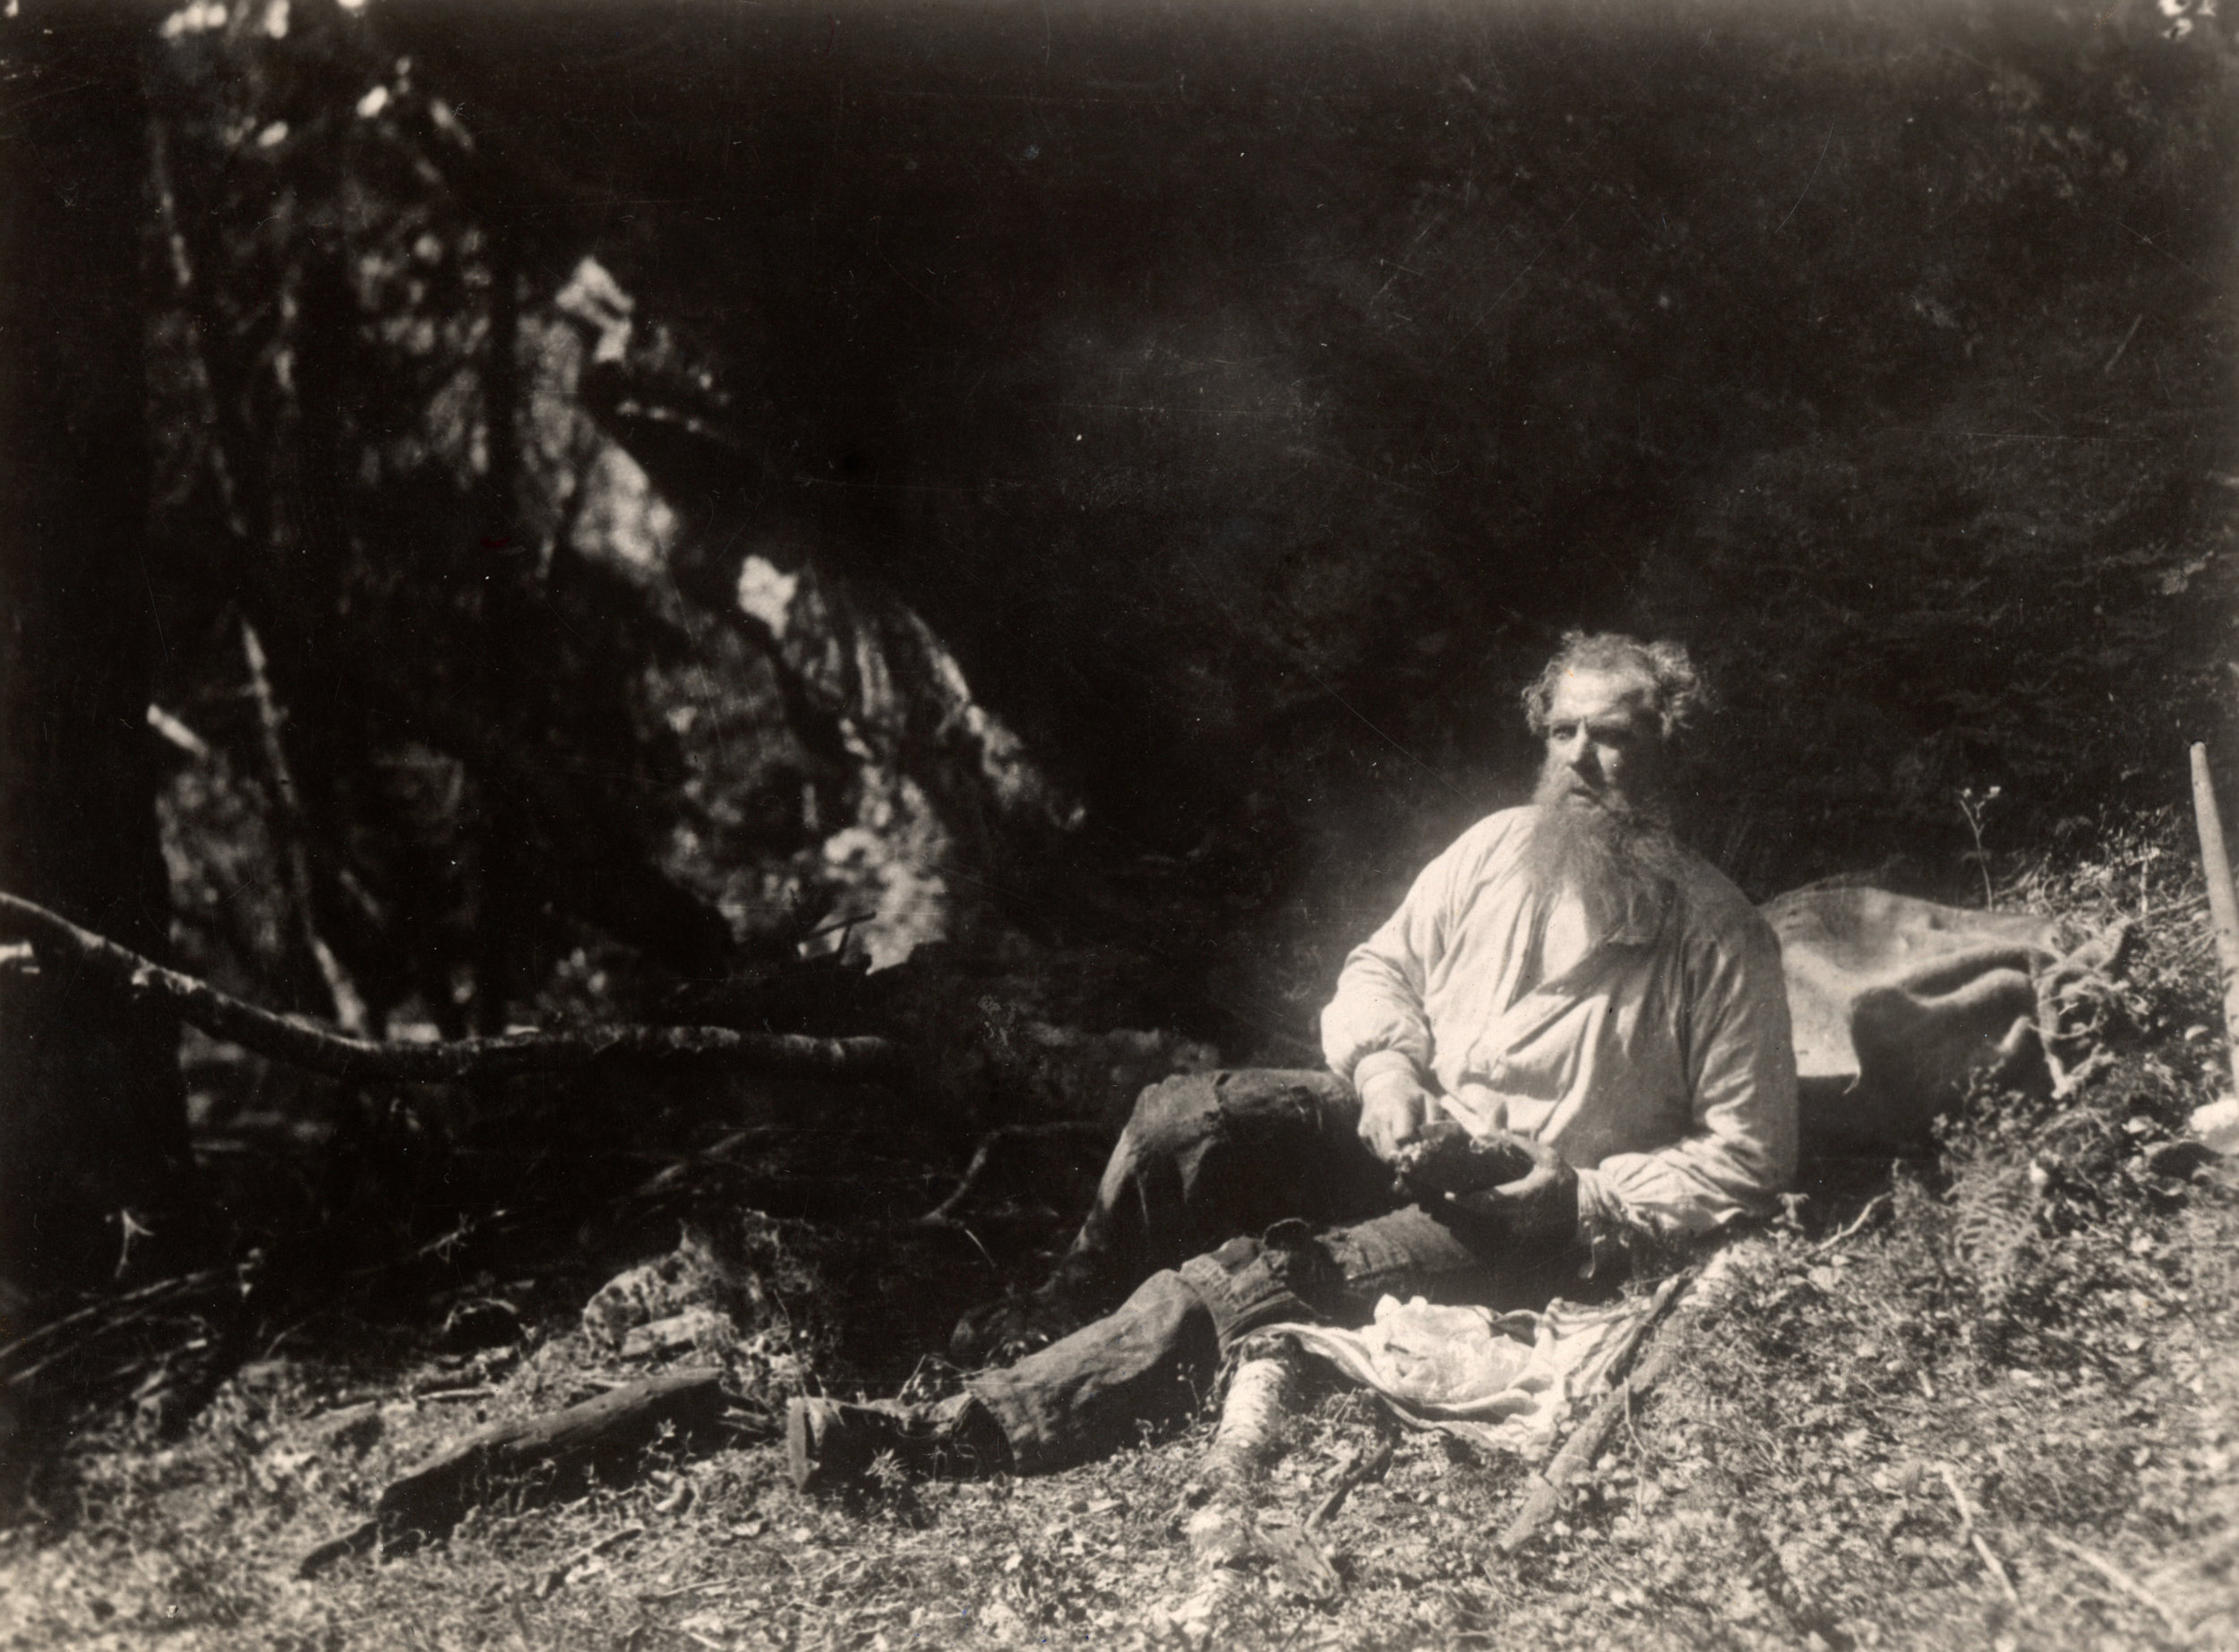 Fra Markens Grøde, 1922. Foto: Nasjonalbiblioteket